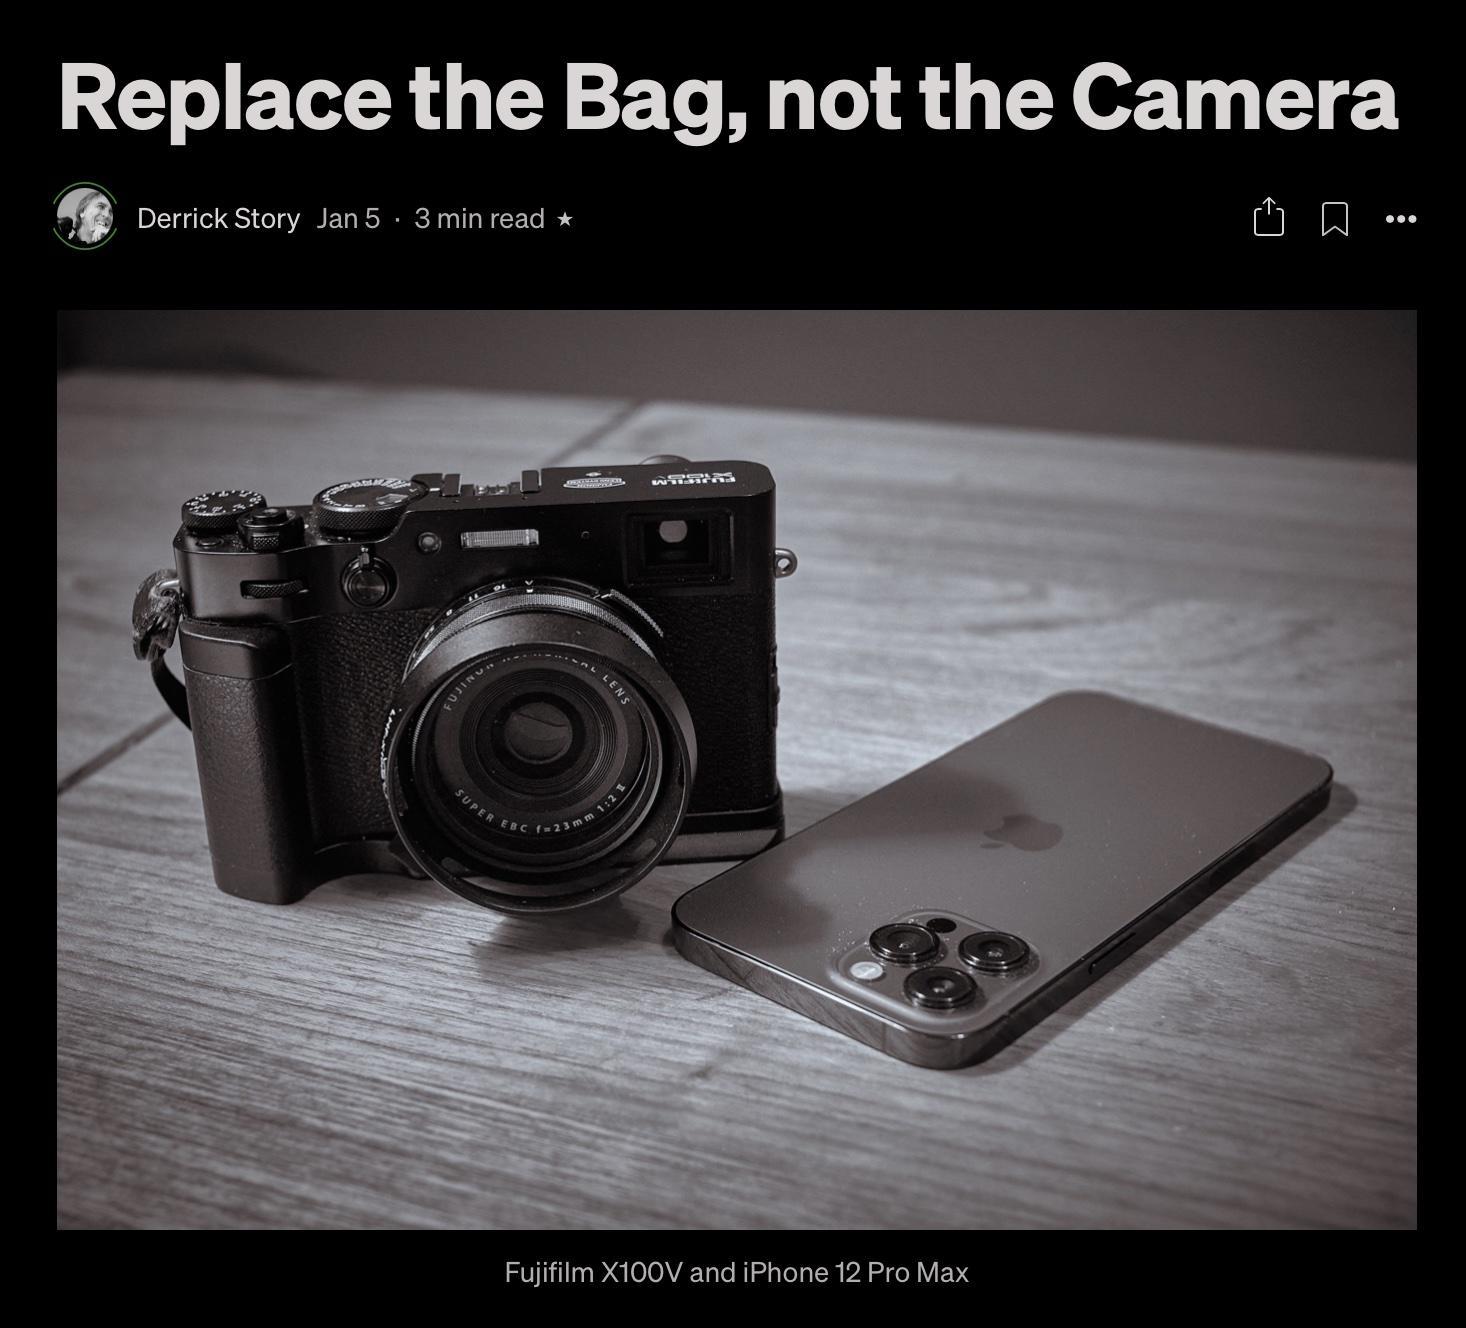 https://thedigitalstory.com/2021/06/Replace-the-Bag.jpg